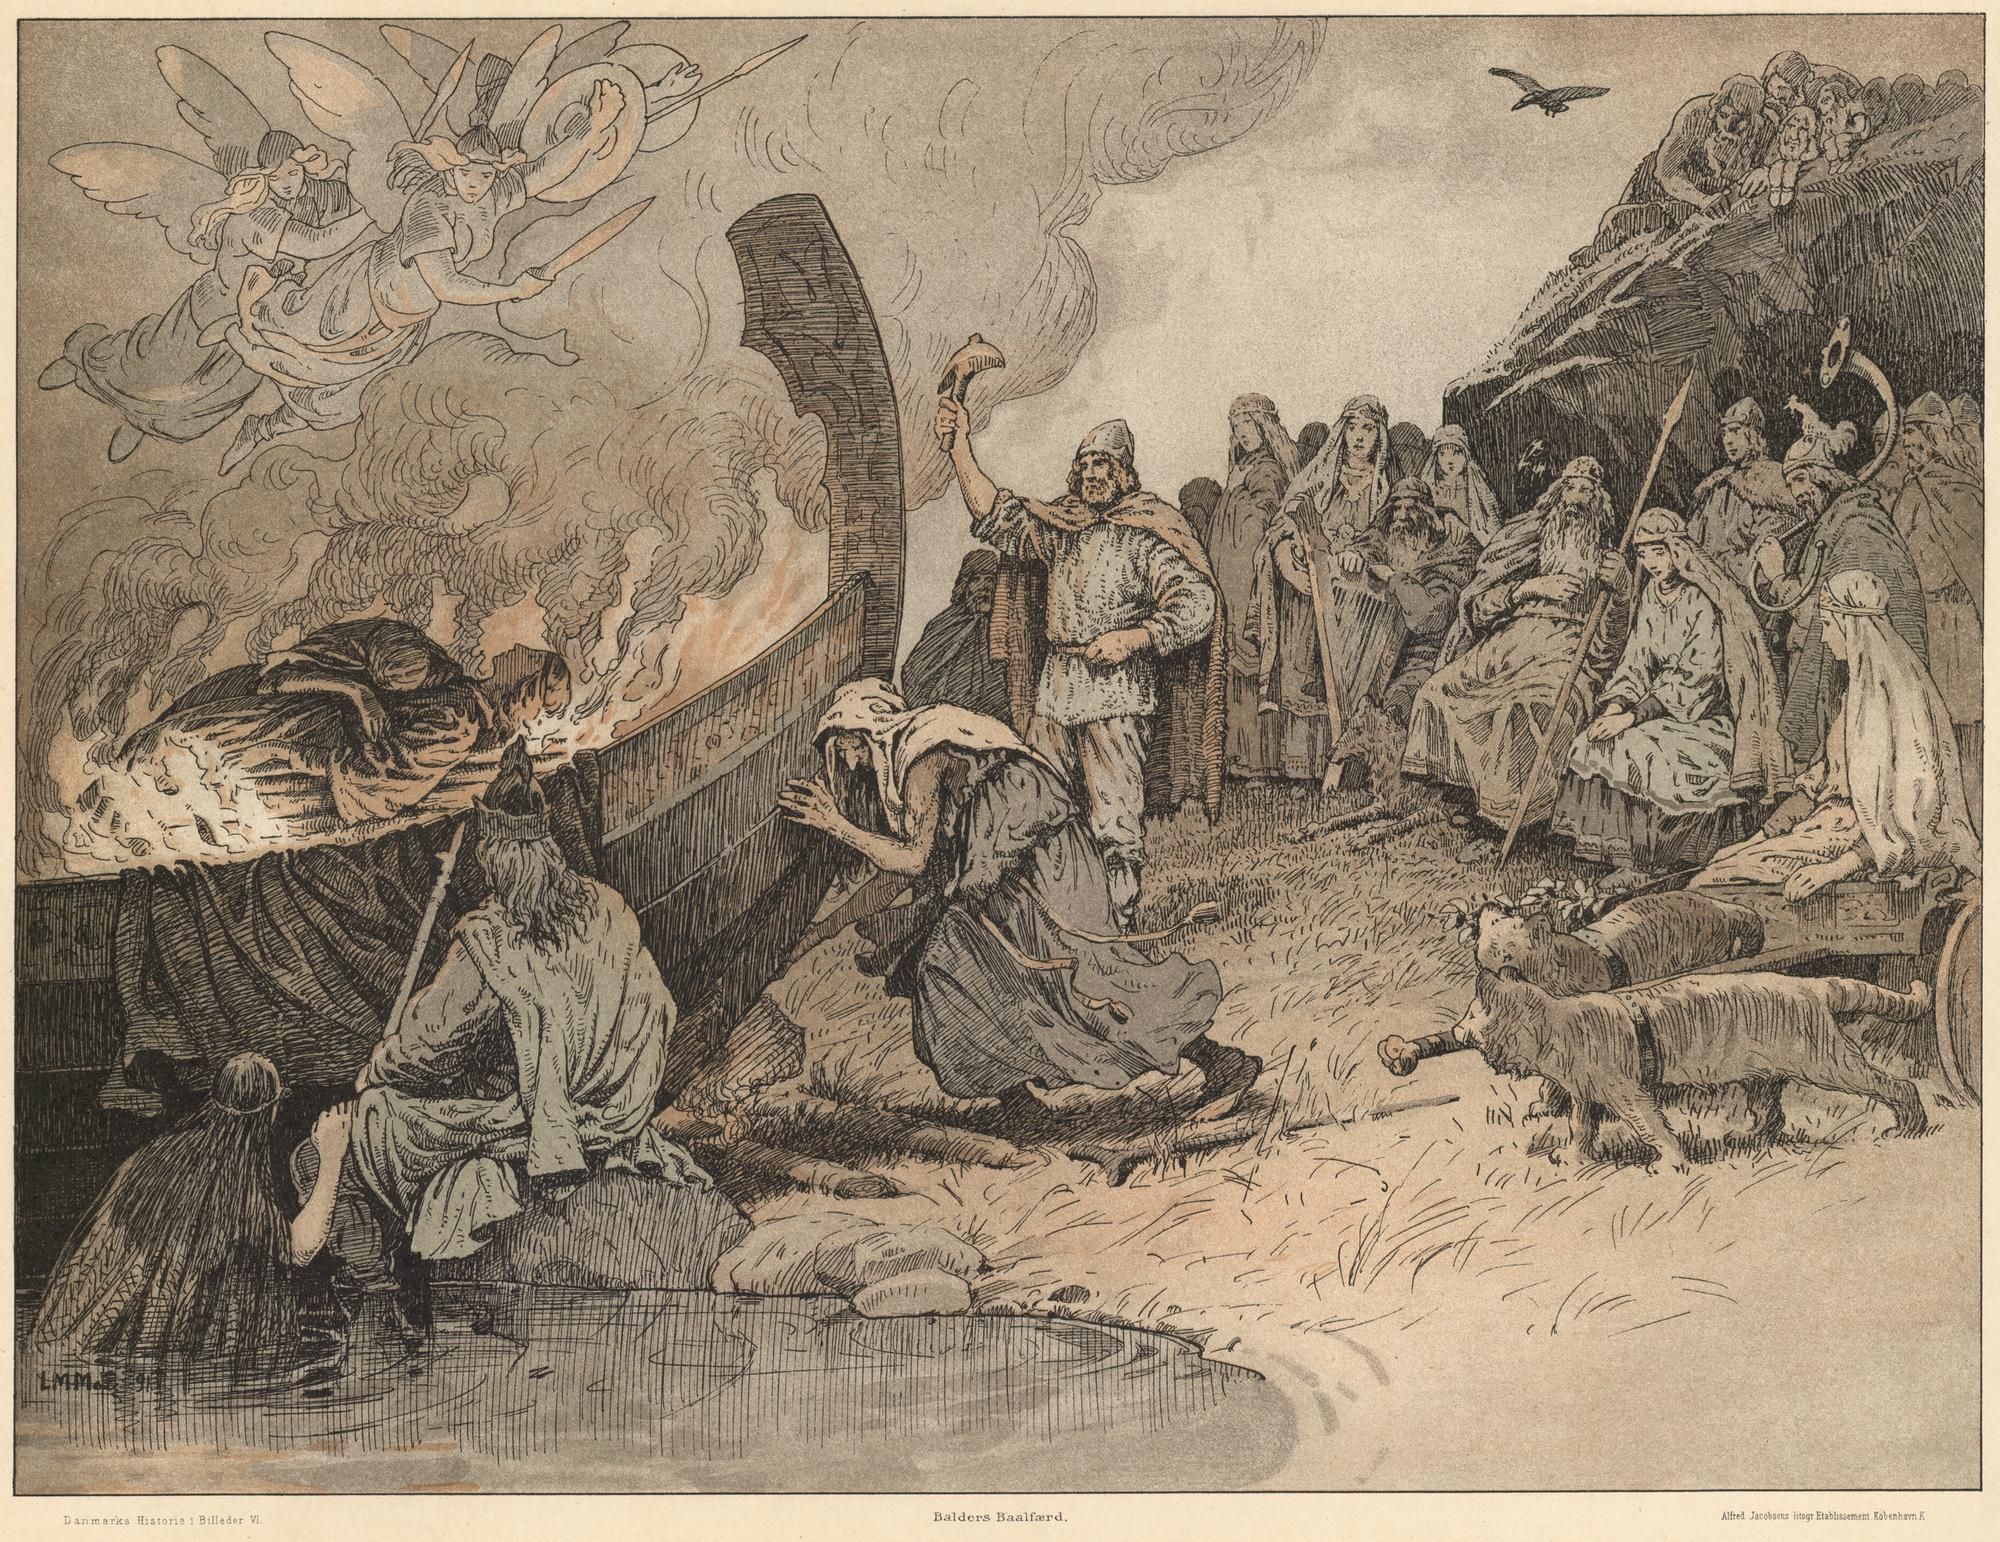 La giganta Hirokken ayuda a los Aegir a empujar la barca ardiente con el cuerpo de Balder.